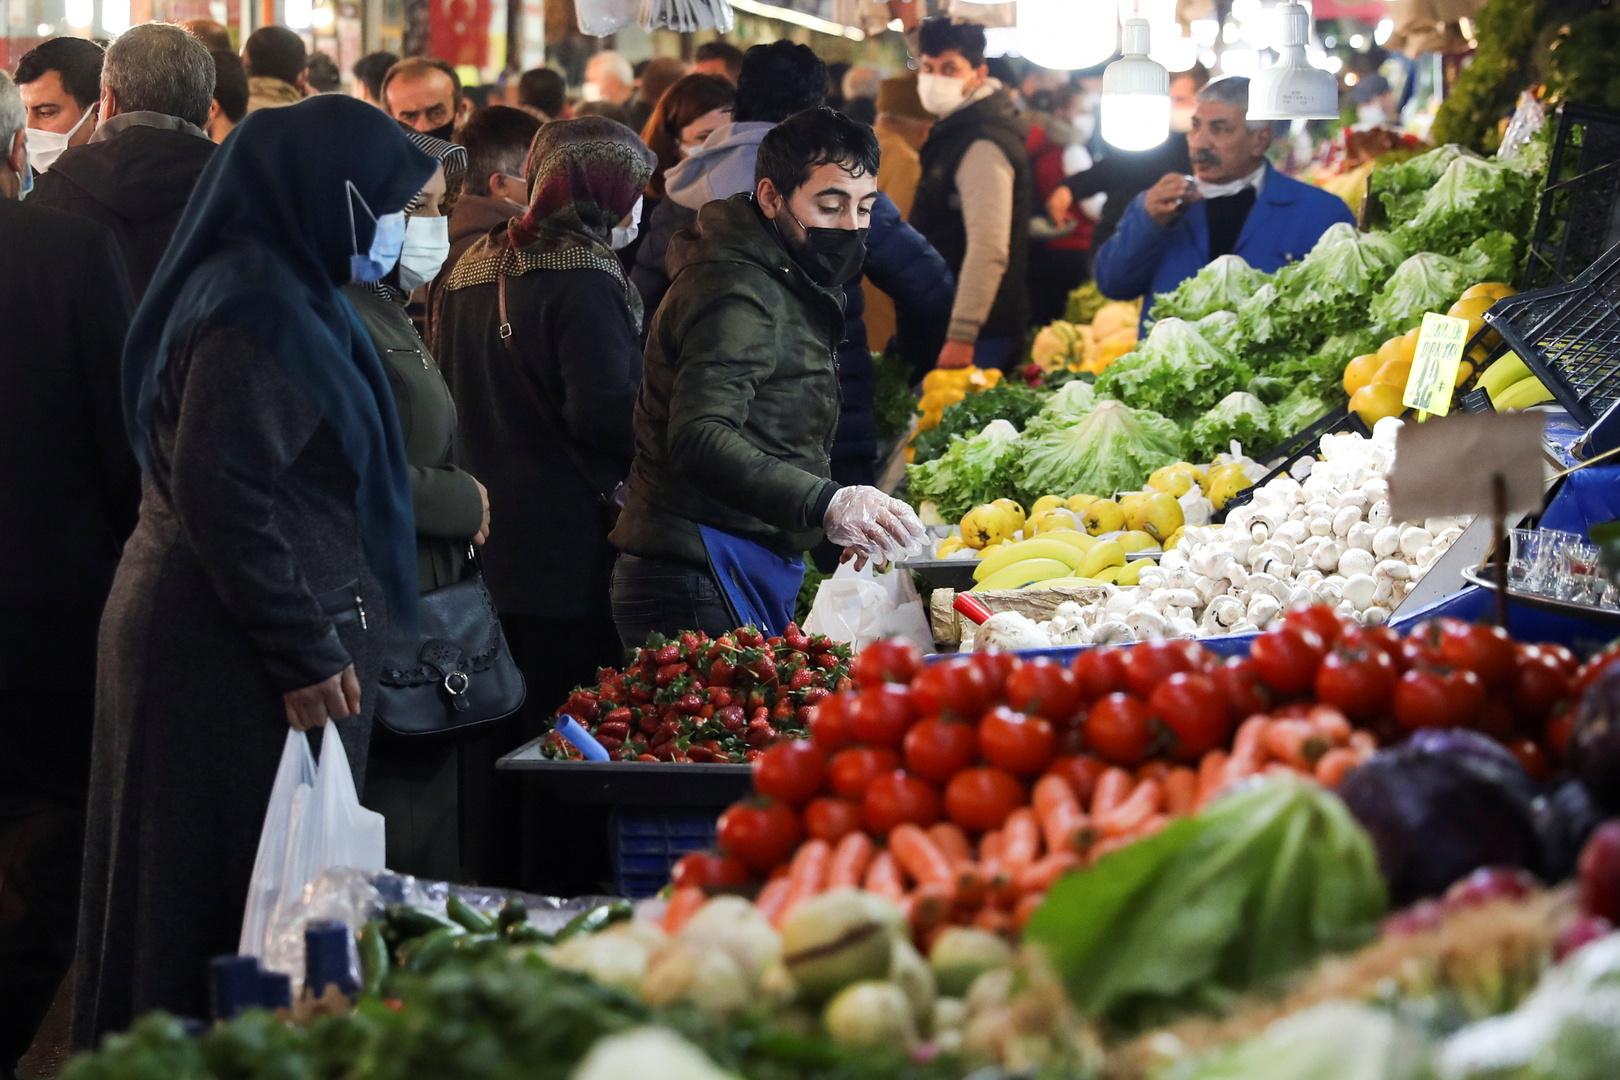 تركيا تسجل أعلى حصيلة يومية للإصابات بكورونا منذ 6 يناير